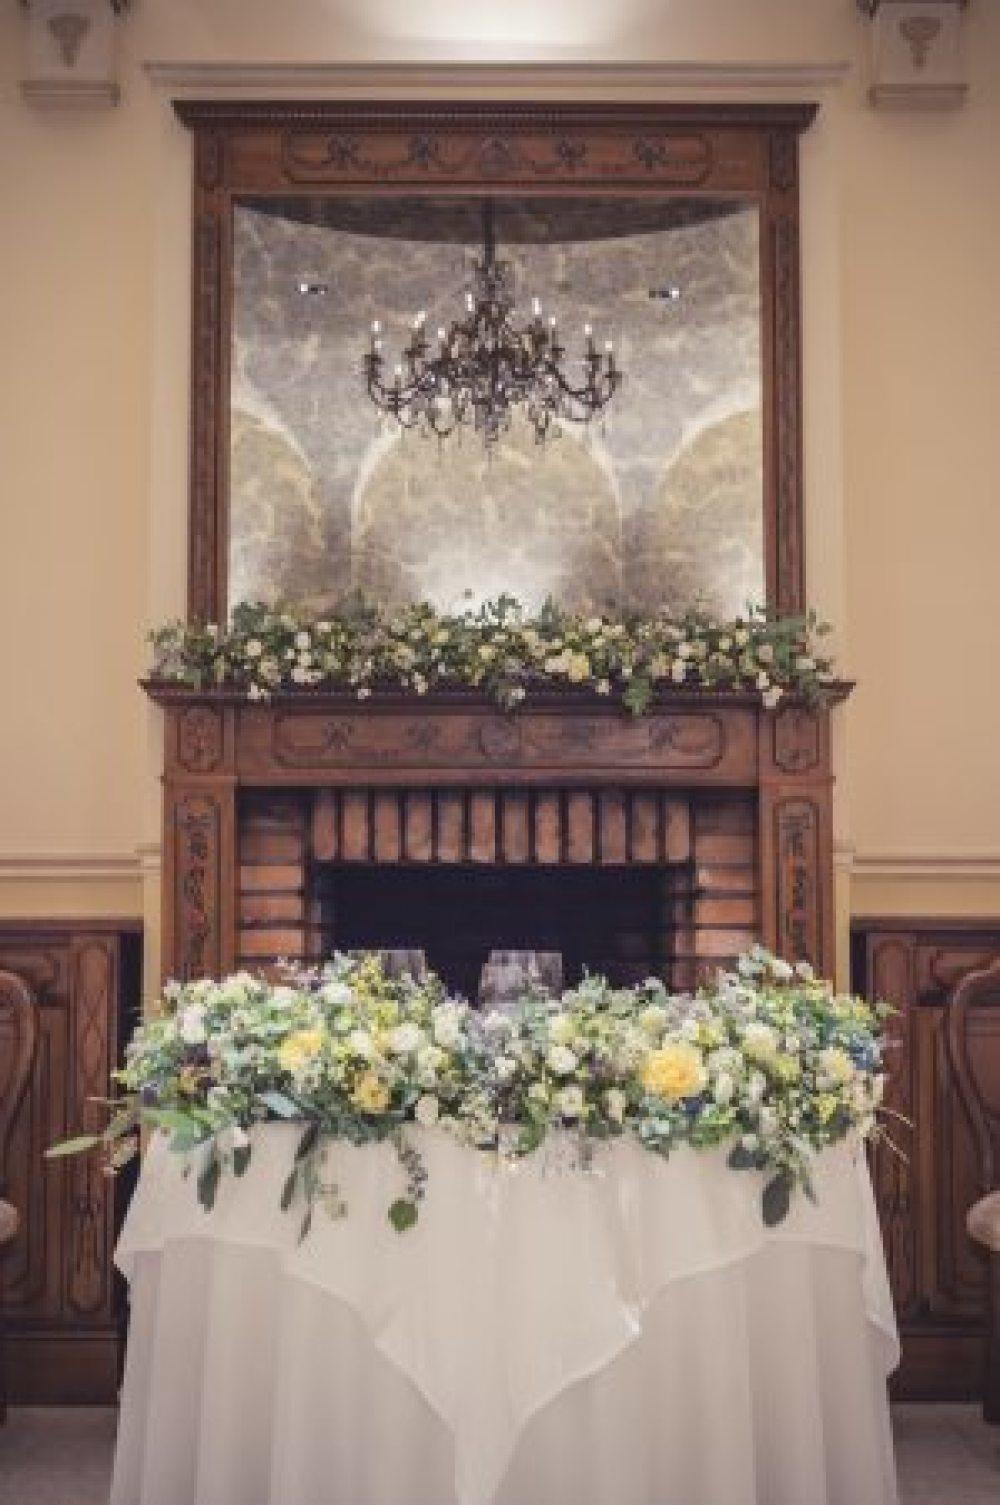 新郎新婦様からのメール 秋の装花 リストランテASOの花嫁様より_a0042928_01384646.jpg